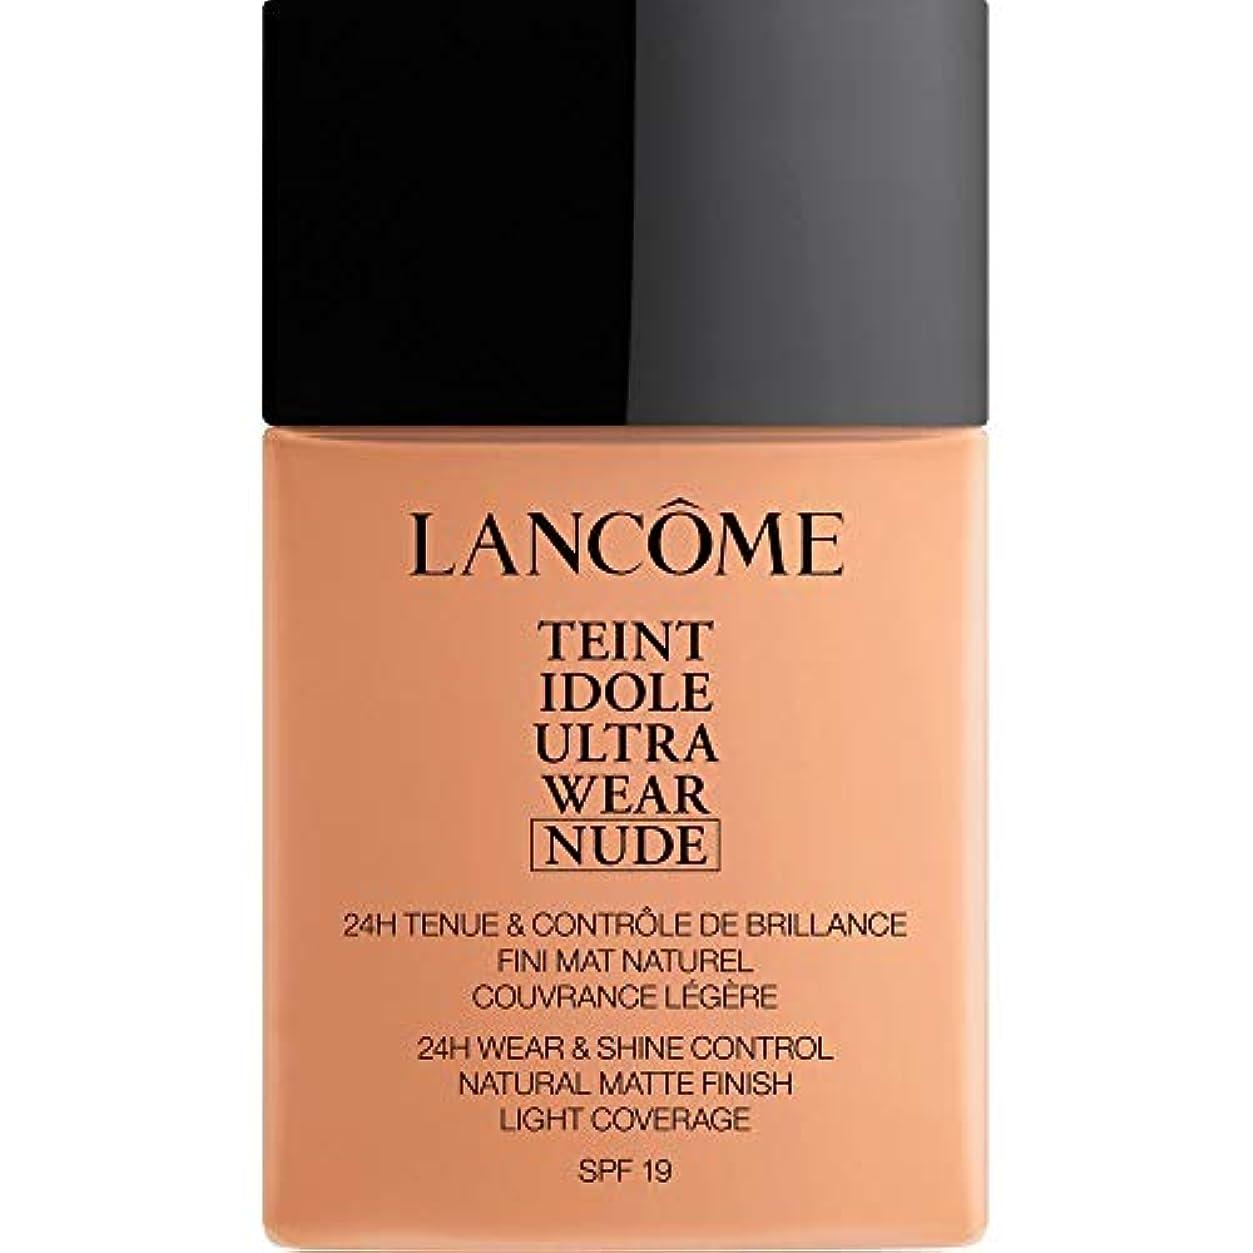 キャンプ代わってネコ[Lanc?me ] ランコムTeintのIdole超摩耗ヌード財団Spf19の40ミリリットル048 - ベージュChataigne - Lancome Teint Idole Ultra Wear Nude Foundation...